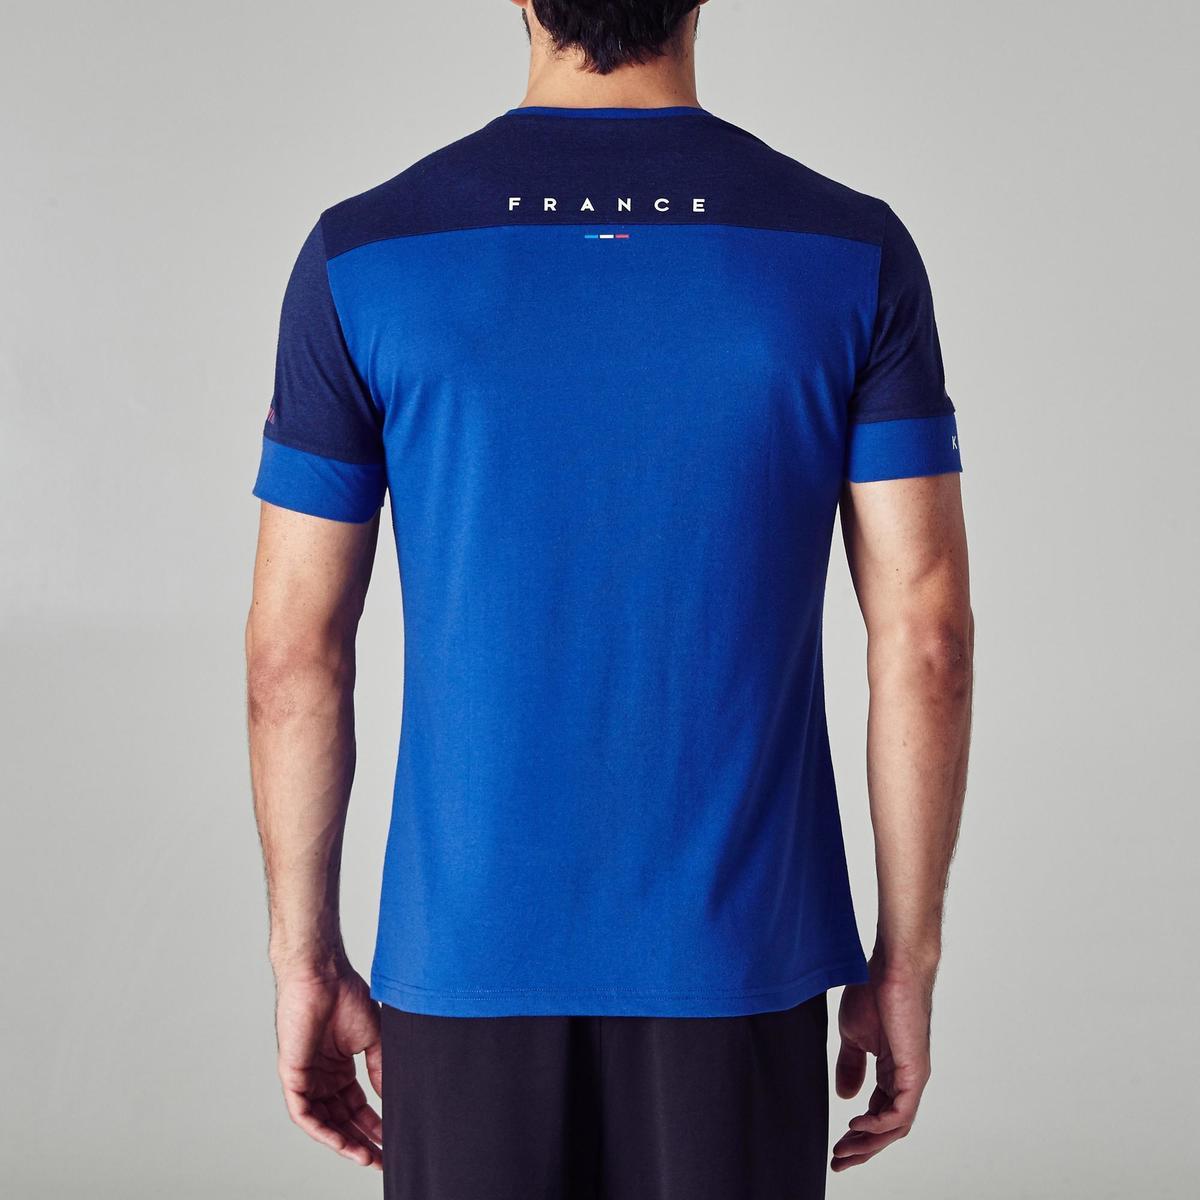 Bild 4 von Fußballshirt FF100 Frankreich Erwachsene blau